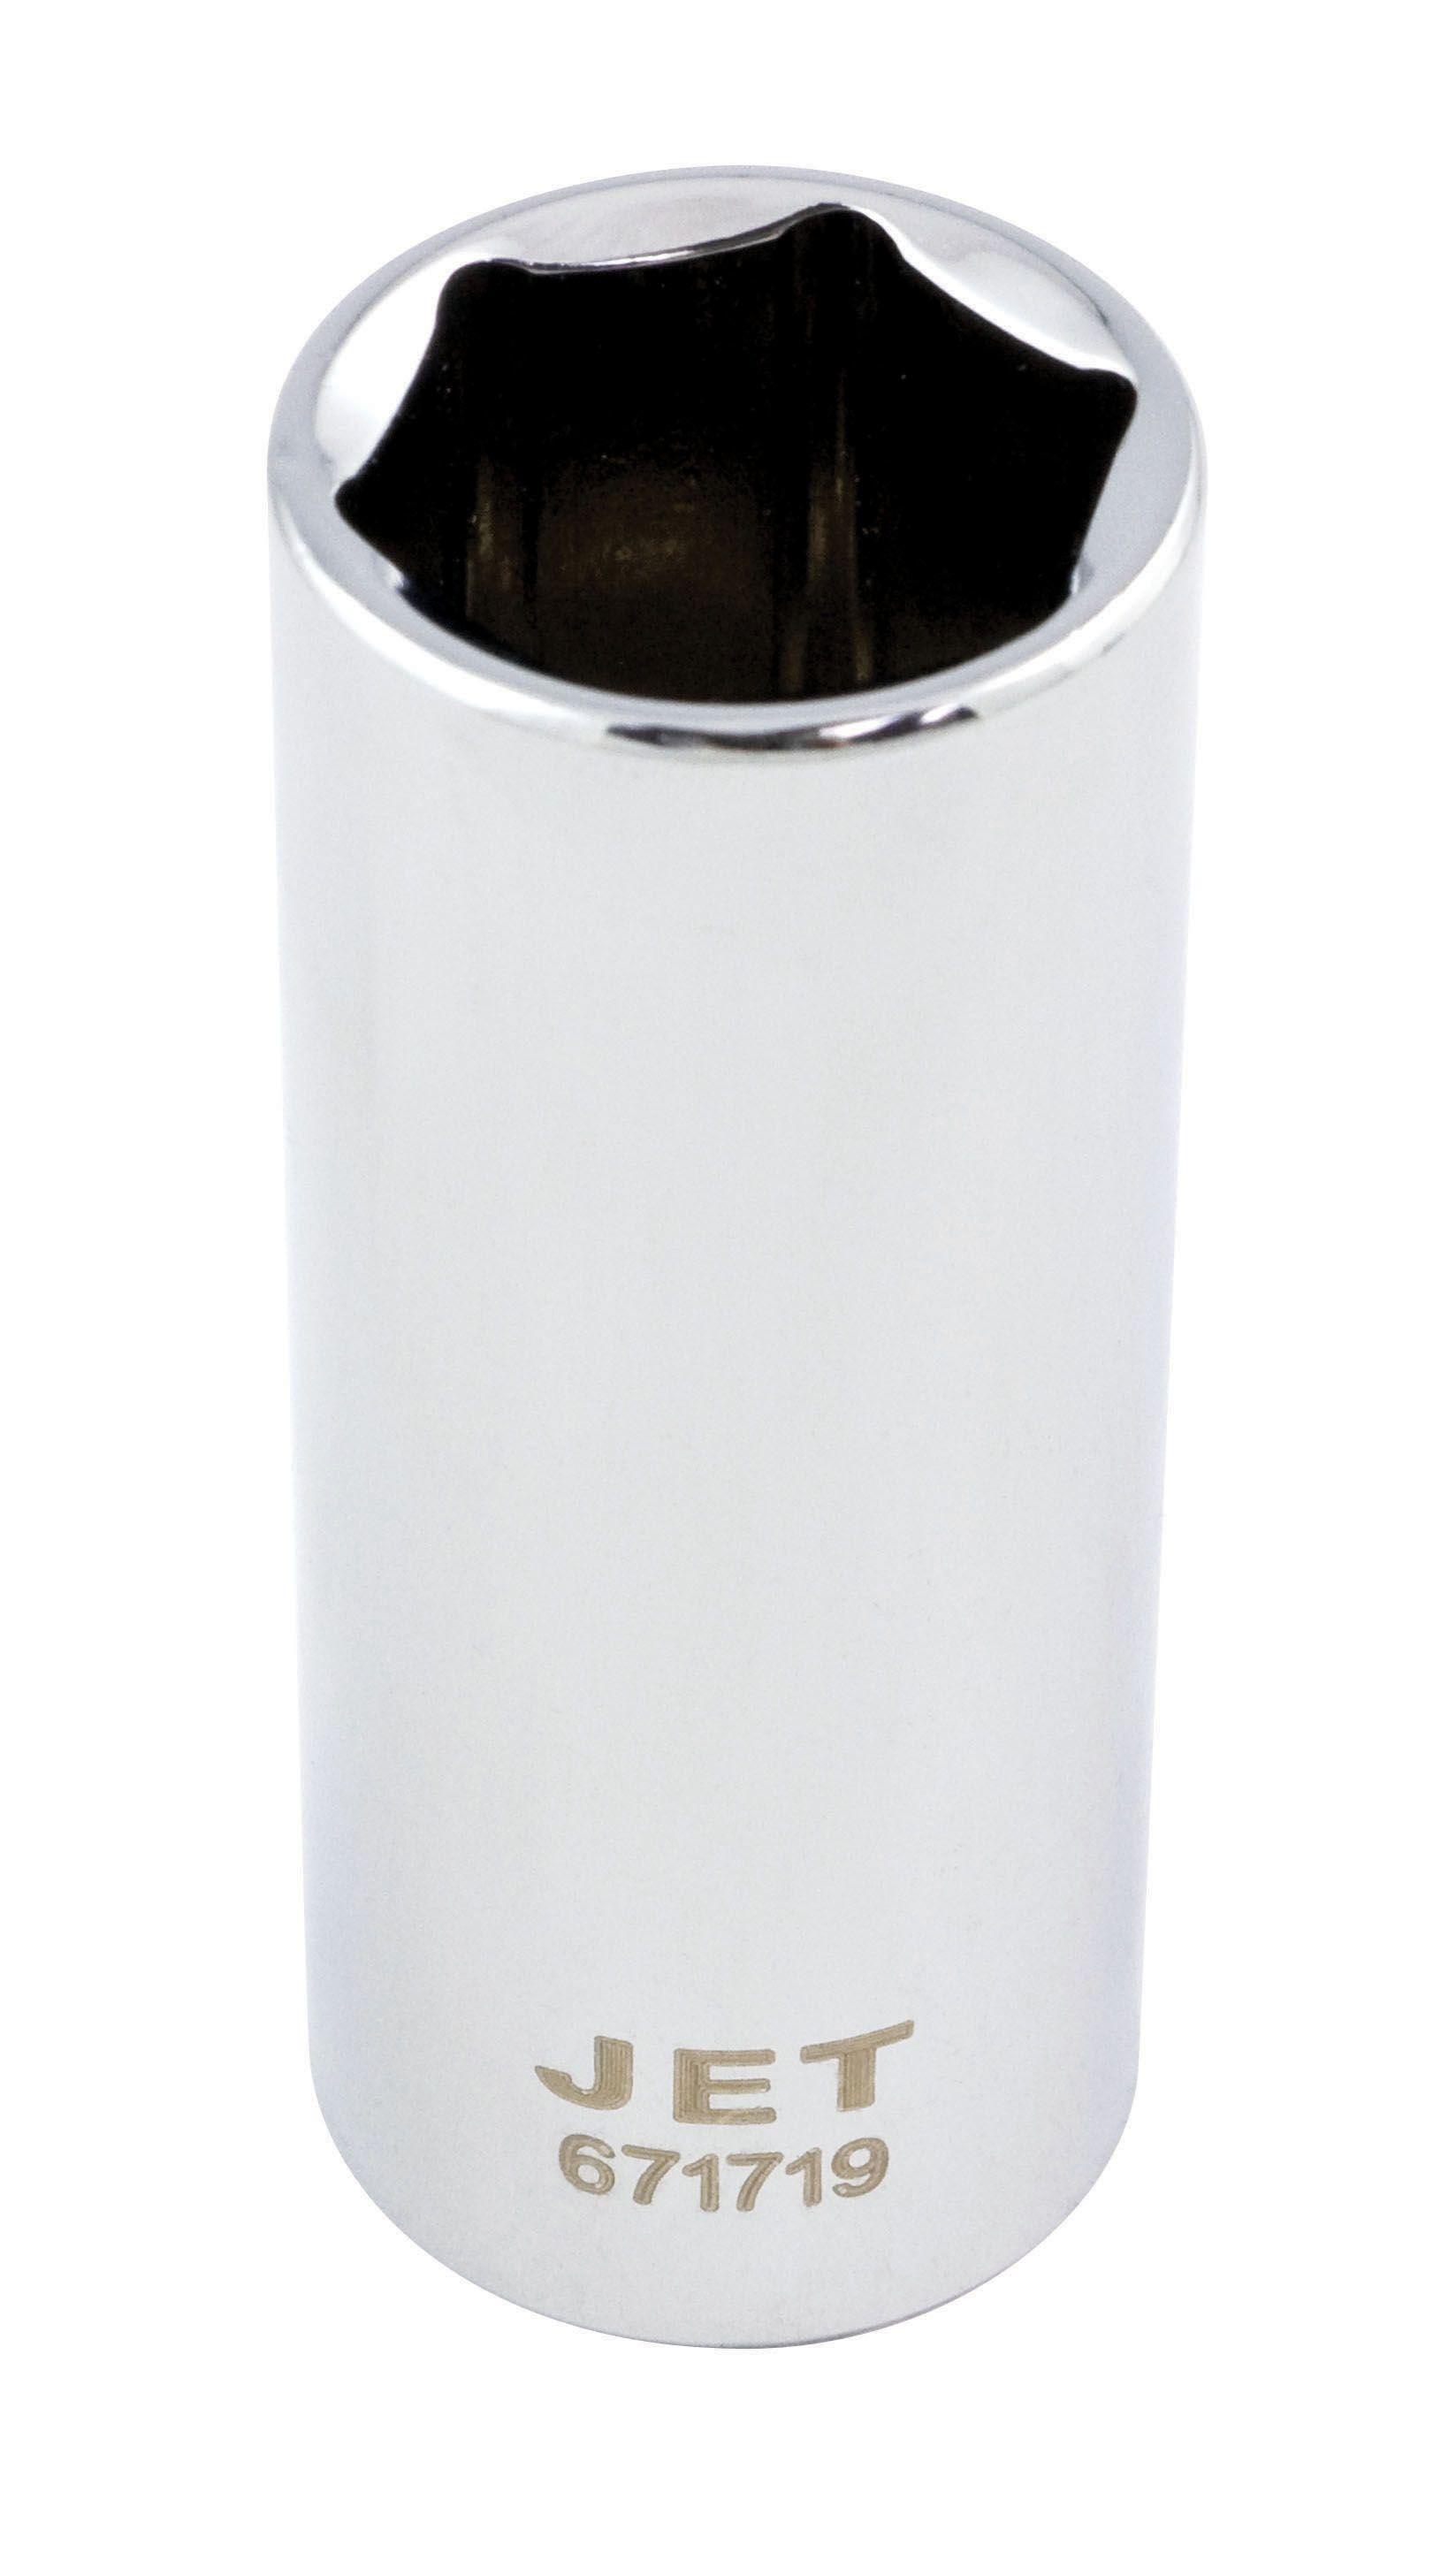 Jet 671711 Douille 11mm x 6 pans longue à prise 3/8